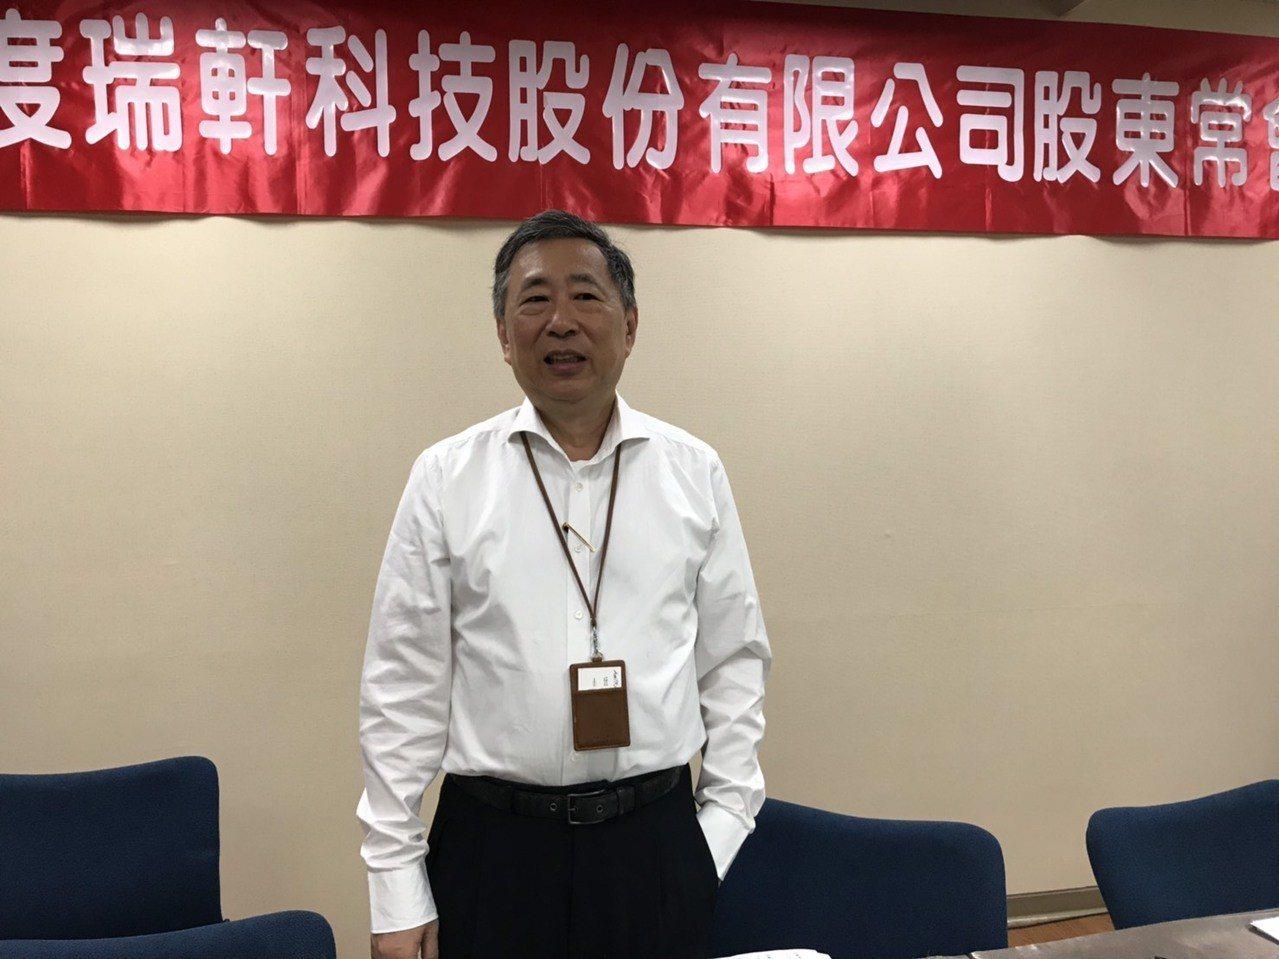 瑞軒今日舉行股東常會,董事長吳春發主持。記者蔡銘仁/攝影